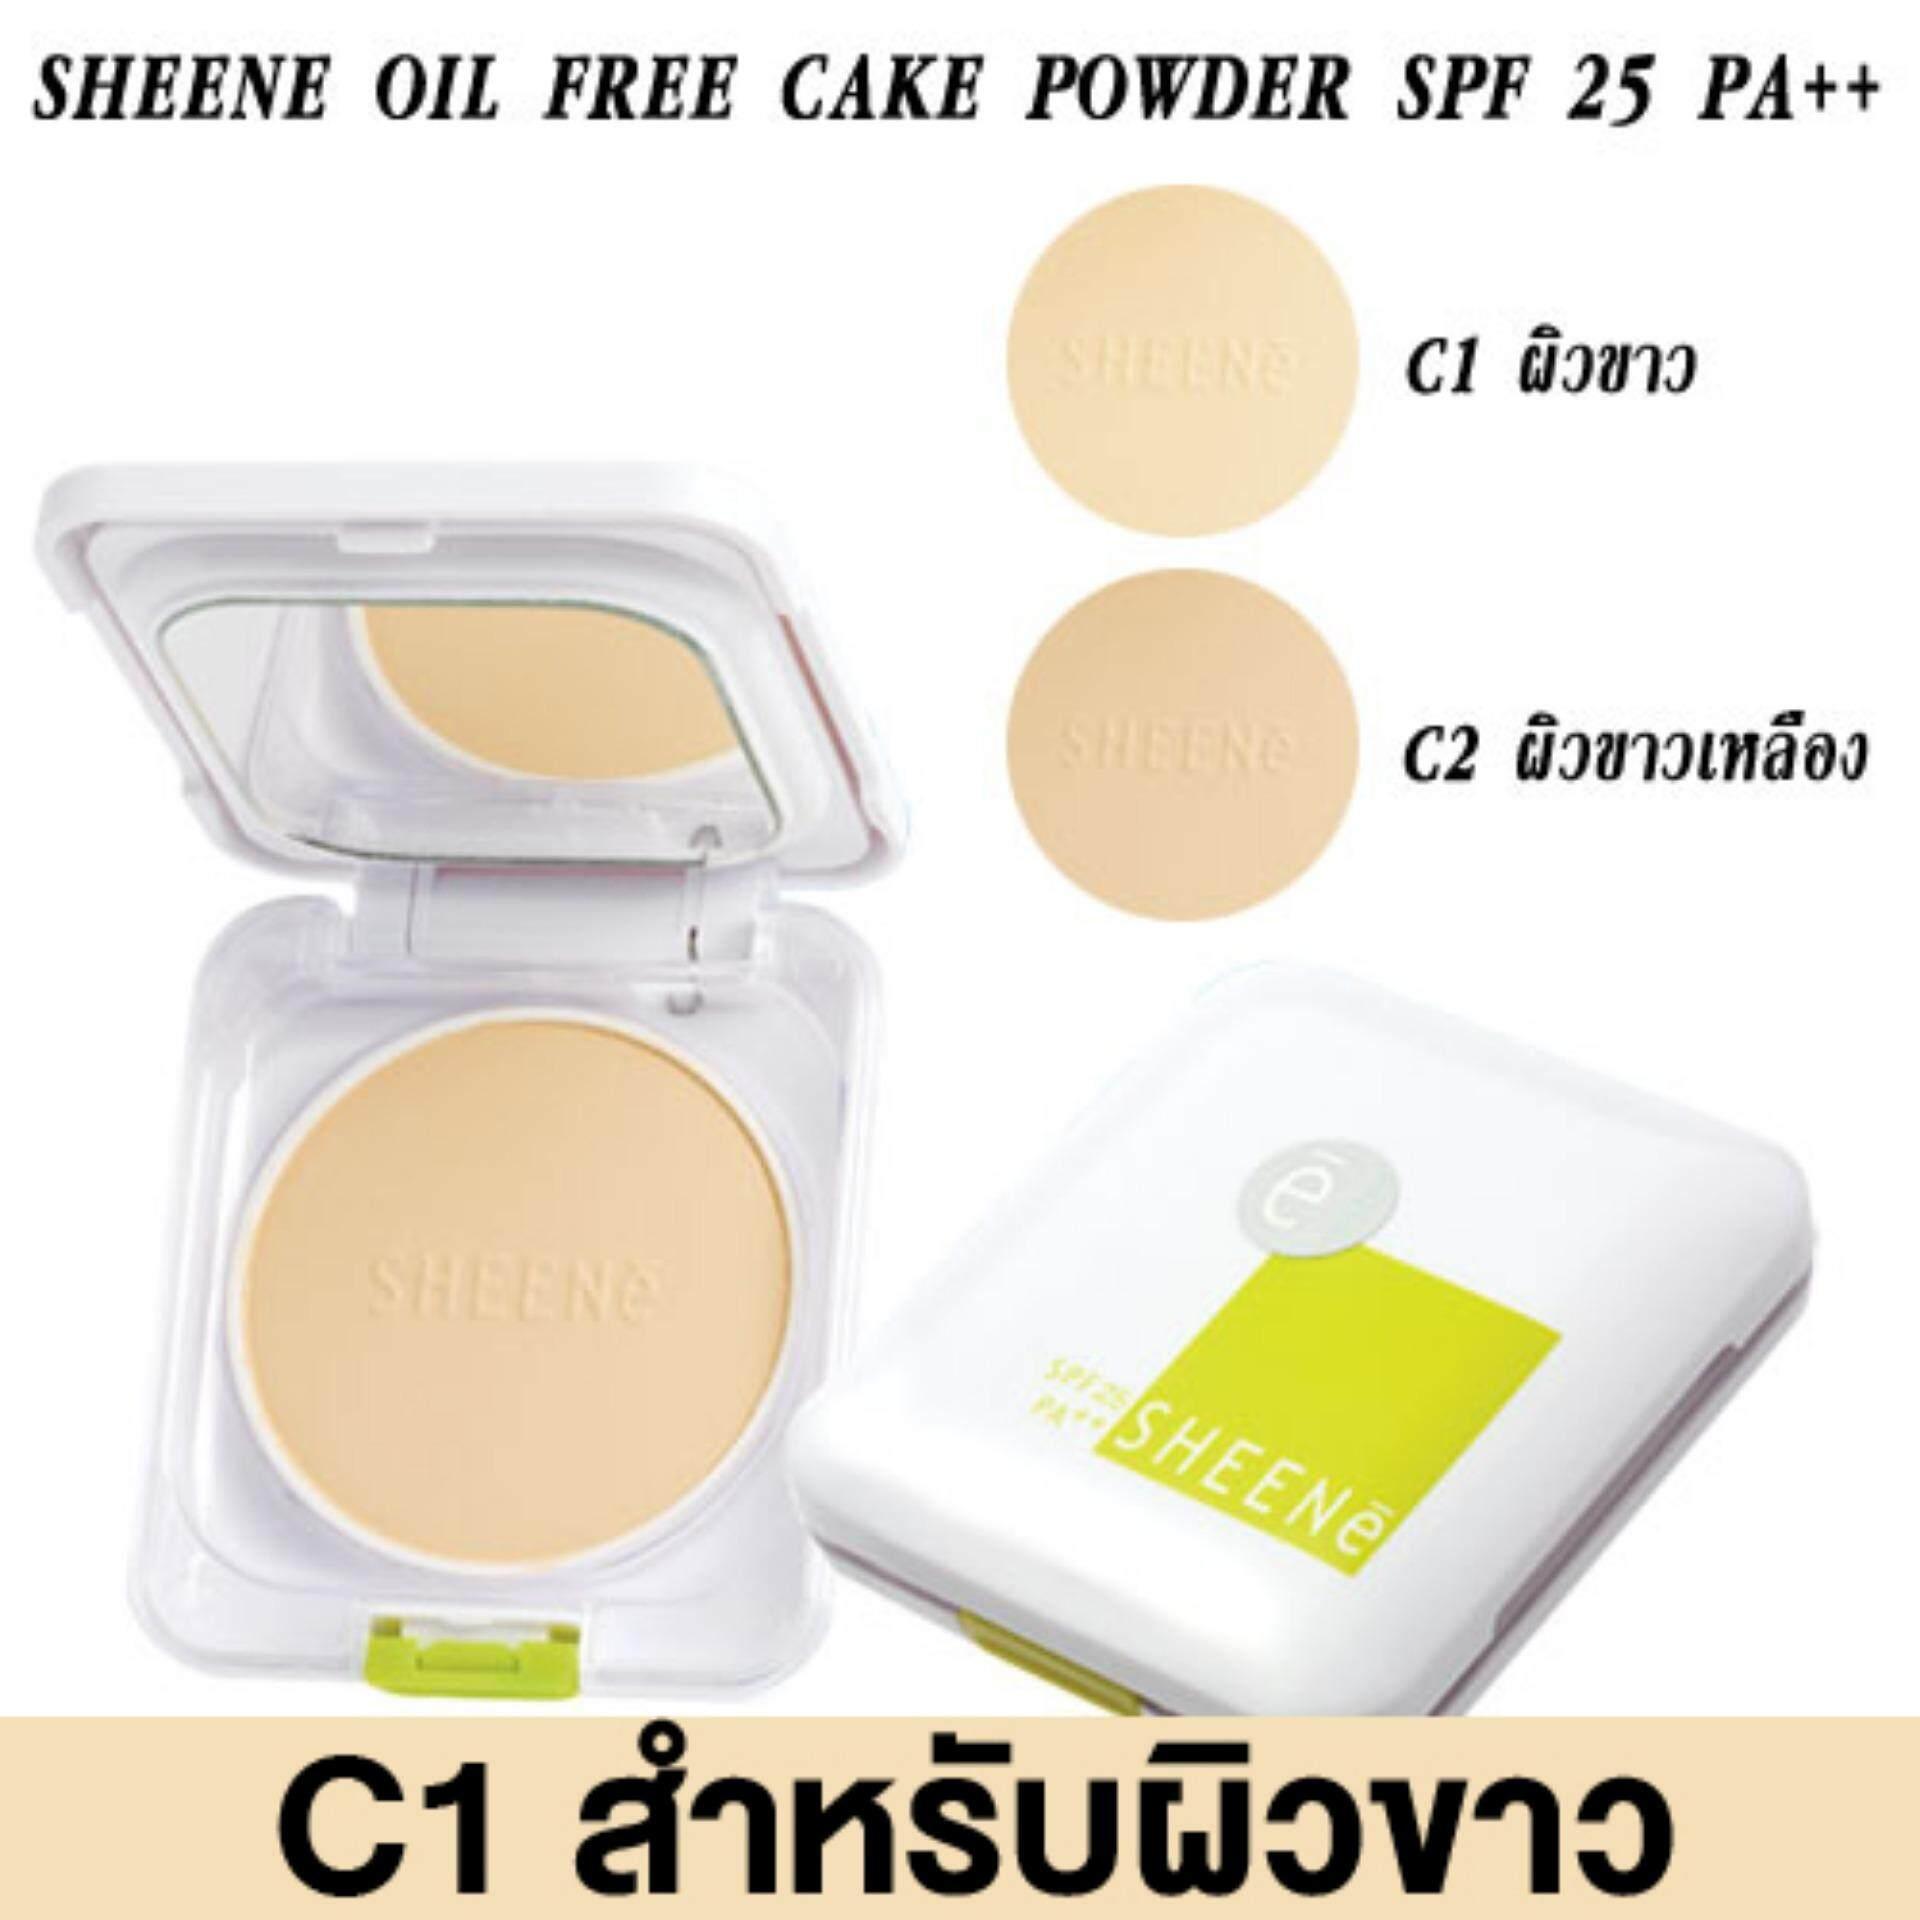 ส่วนลด Sheene Oil Free Cake Powder Spf 25 Pa แป้งควบคุมความมัน C1 ผิวขาว Sheene